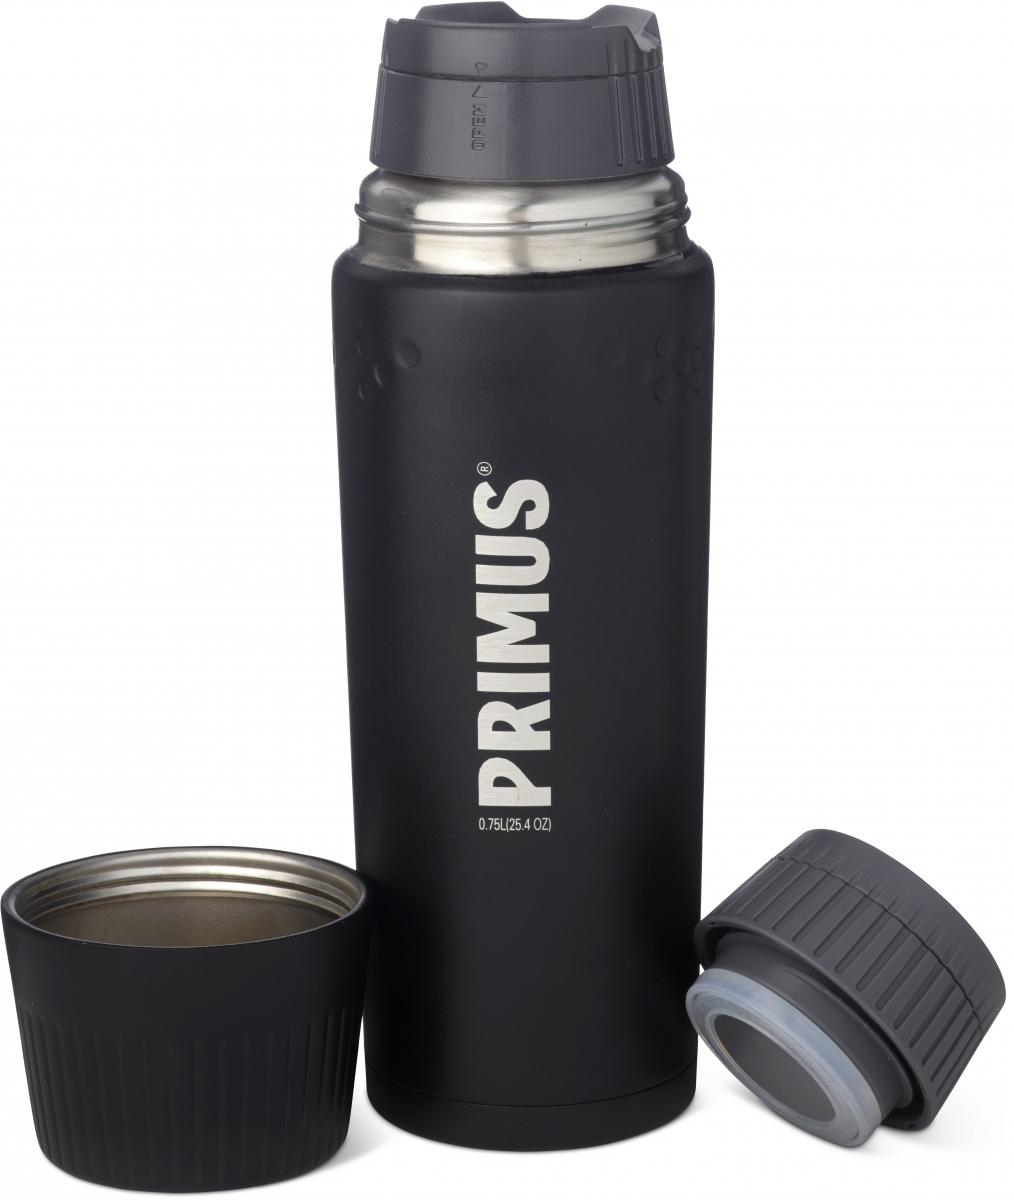 Термос Primus TrailBreak Vacuum Bottle, цвет: серый, 750 мл737862Термос обладает двойными стенками и имеет вакуумную изоляцию. Изготовлен из высококачественной нержавеющей стали, что наделяет его очень прочным и износостойким корпусом. Термос отлично подходит для всевозможных приключений в экстремальных условиях, идеально подходит для альпинизма или пешего туризма.Крышка-чашка также имеет двойные стенки и выполнена из нержавеющей стали, чтобы сохранить напиток горячим или холодным долгое время. Большая горловина позволяет термос заполнить напитками и очистить. Если вы захотите пить прямо из термоса, в этом вам поможет запатентованная крышка с функцией ClickClose - просто поверните клапан! Стоит также отметить внешний вид термоса - он выполнен в строгом скандинавском стиле.Объем термоса: 750 мл.